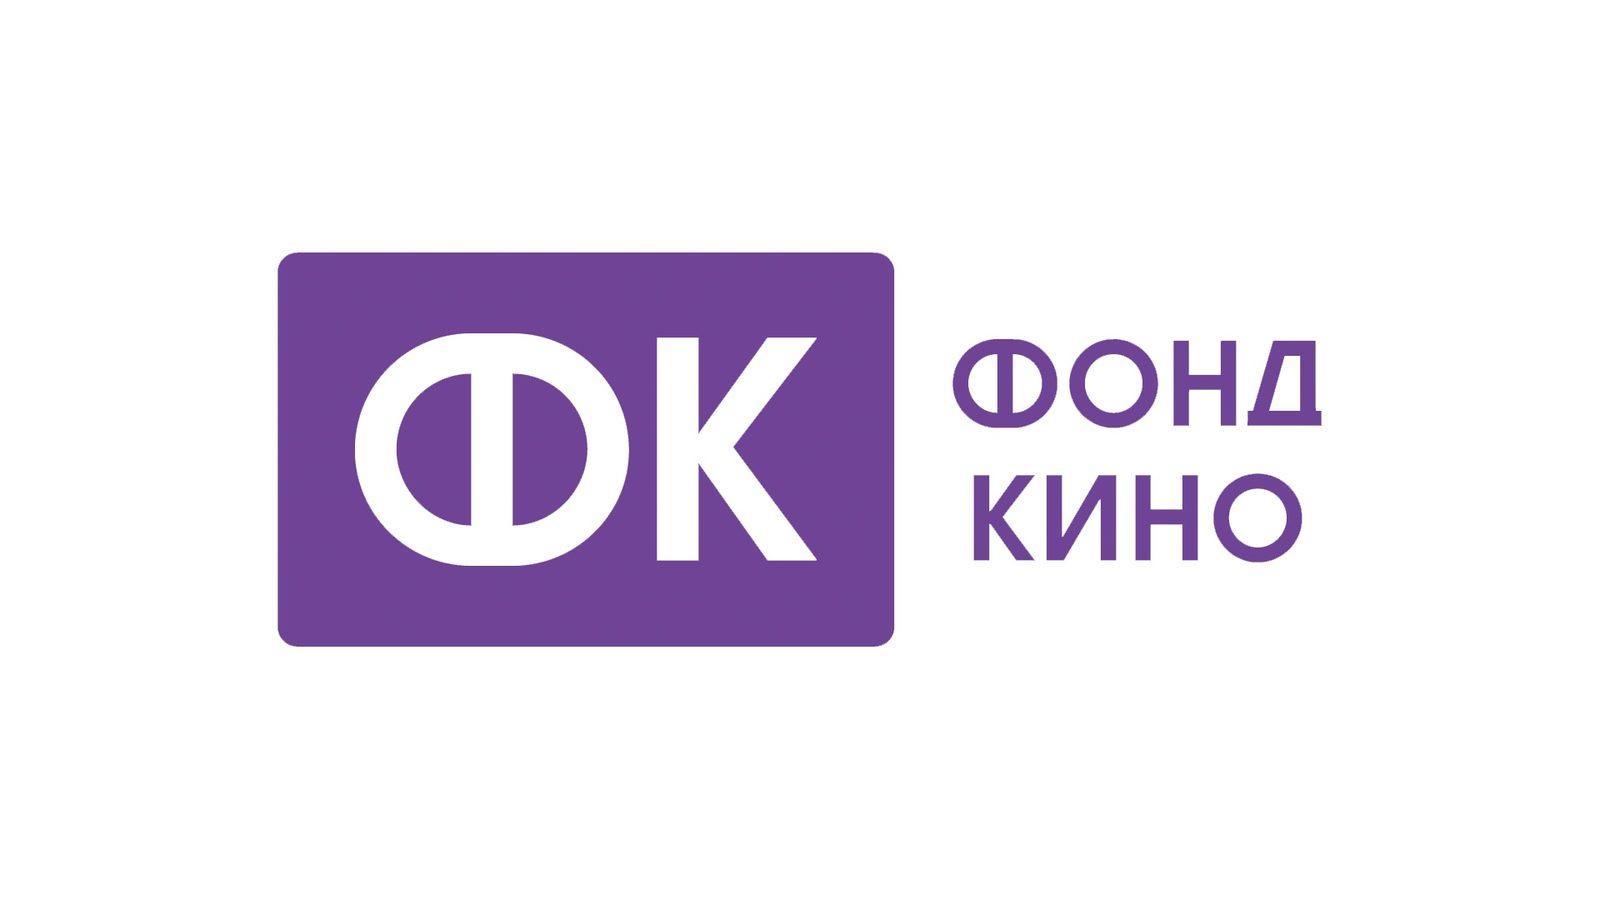 Фонд кино поддержит производство «Девятаева» и третьей части «Последнего богатыря»